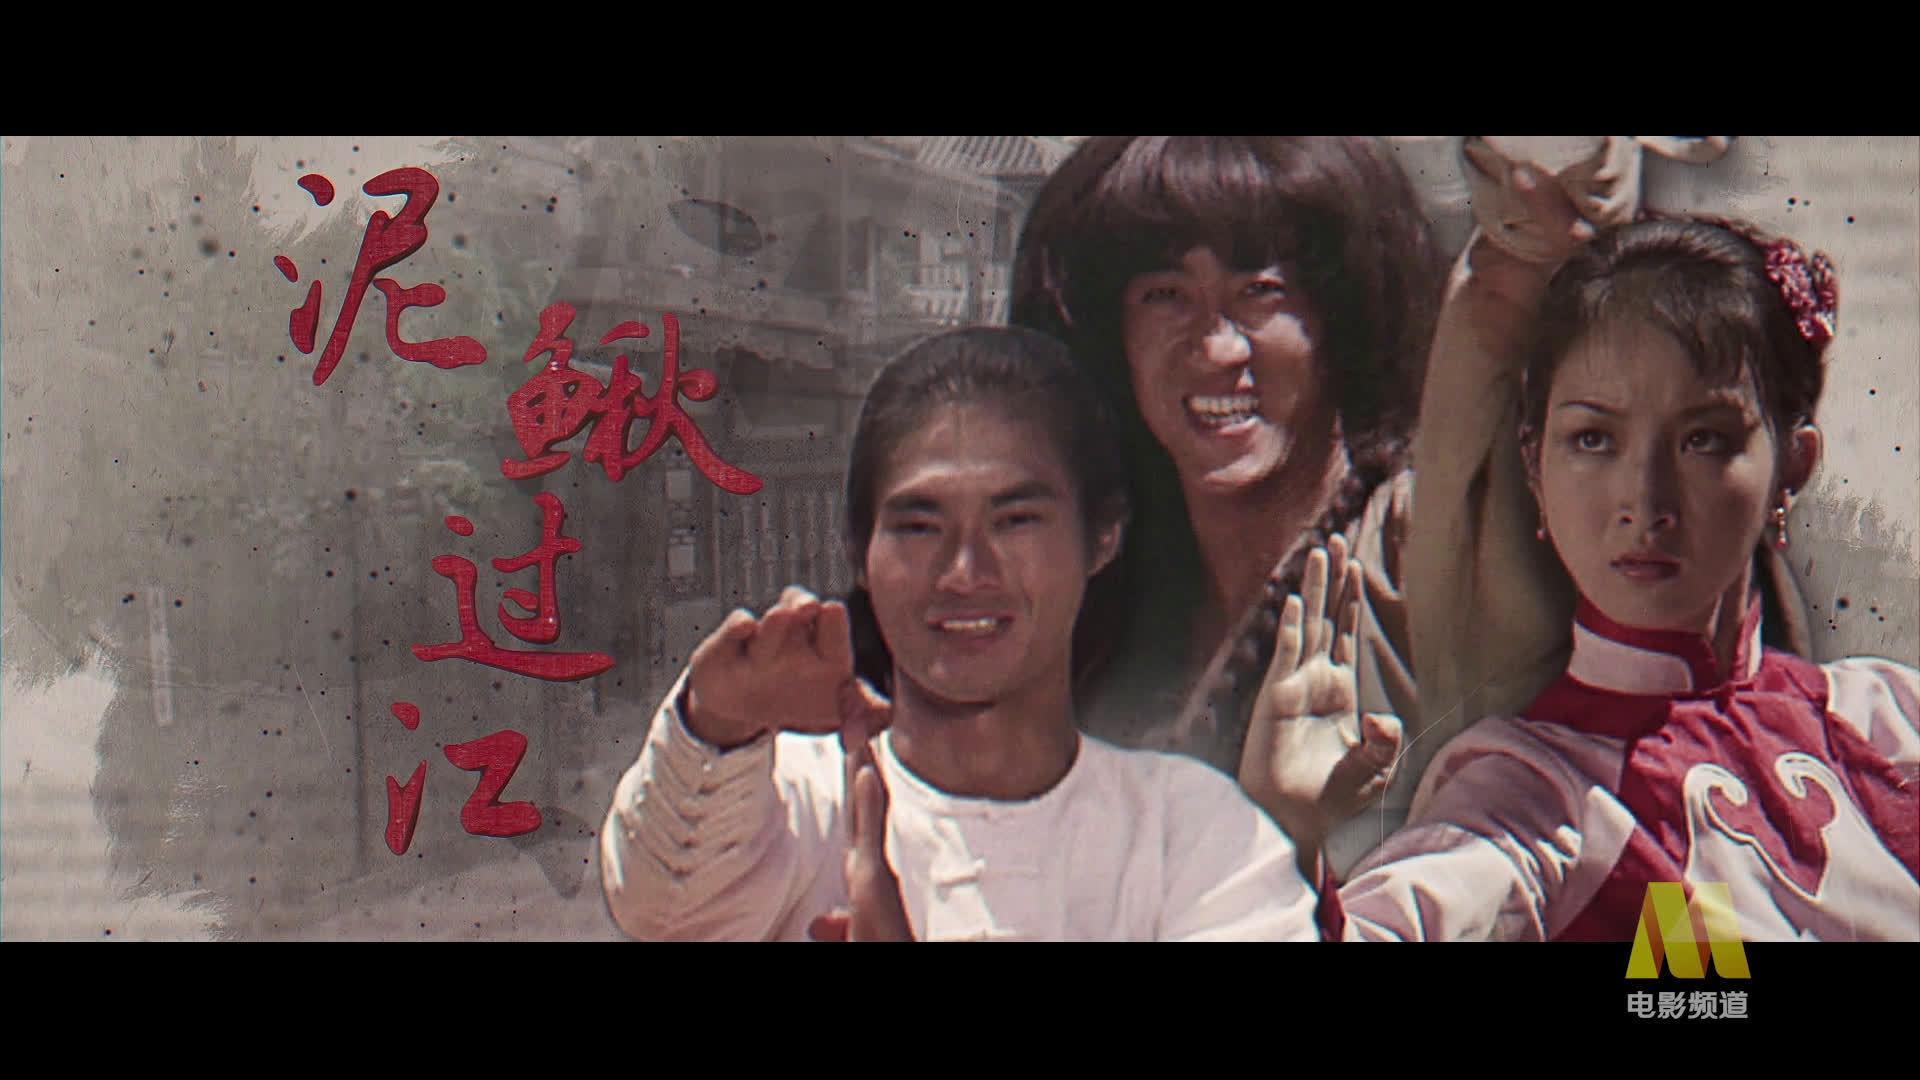 少林出了叛徒怎么办? 由张信义执导的武侠动作片《泥鳅过江》……